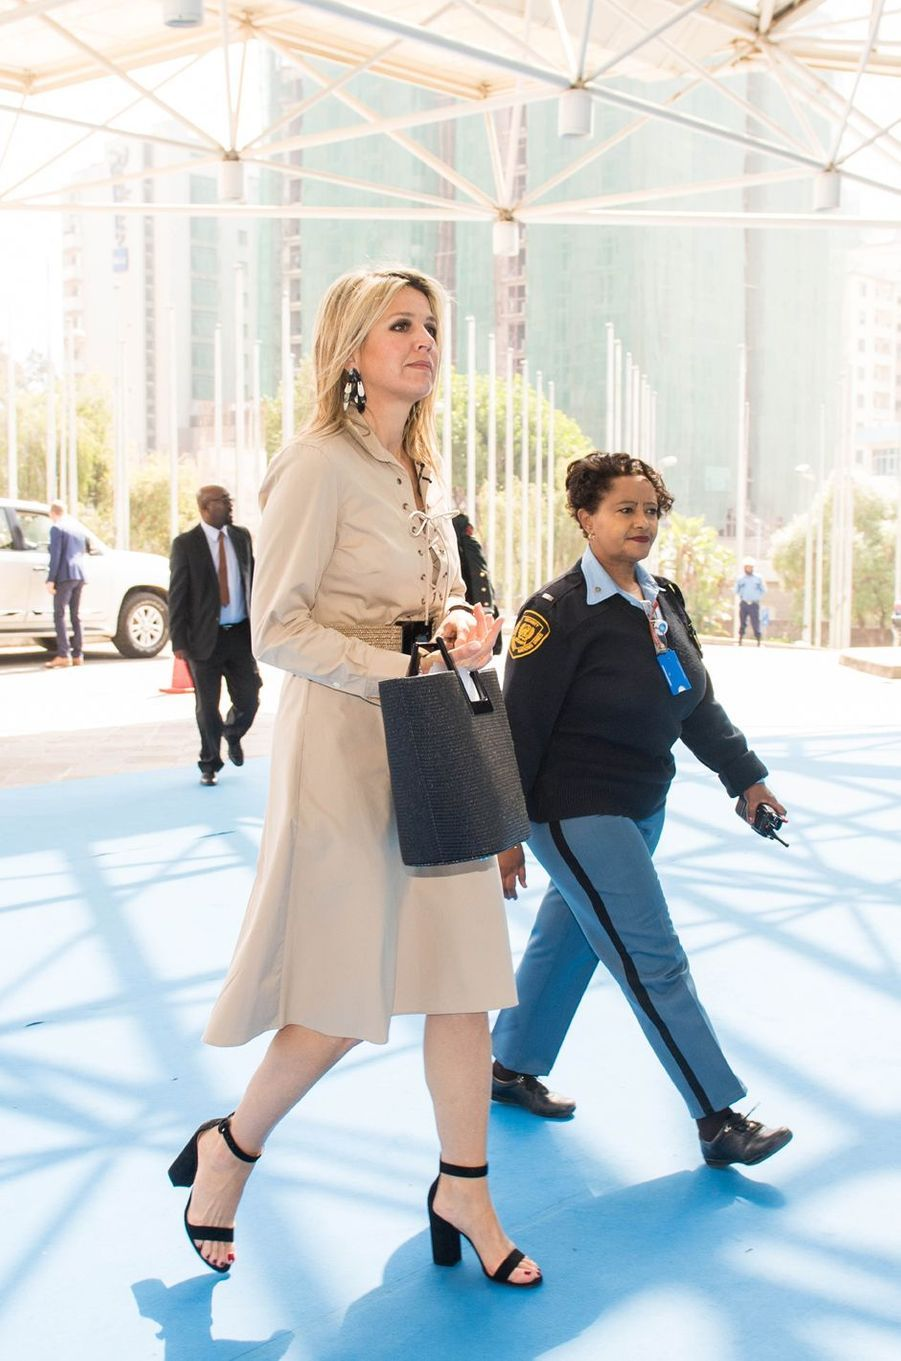 La reine Maxima des Pays-Bas à Addis-Abeba en Ethiopie, le 14 mai 2019